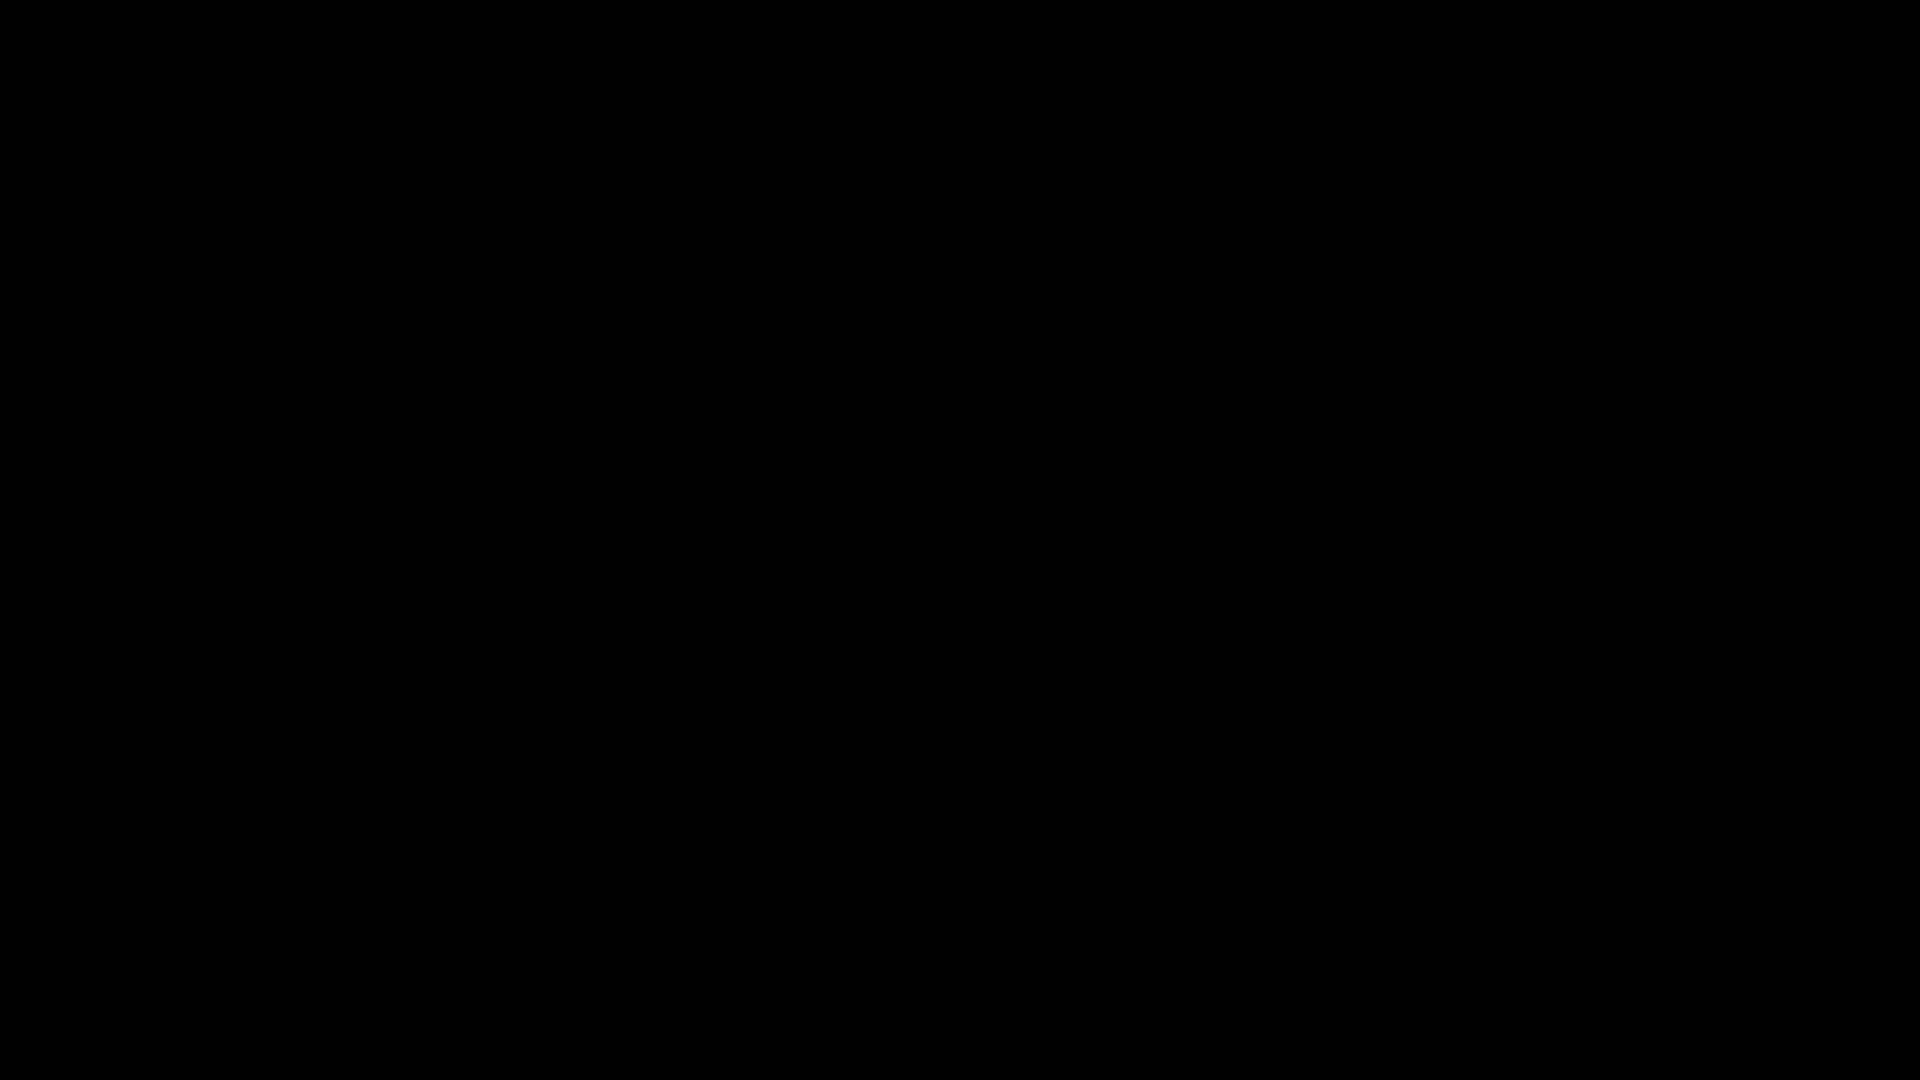 Hình ảnh màu đen Full HD 1920x1080